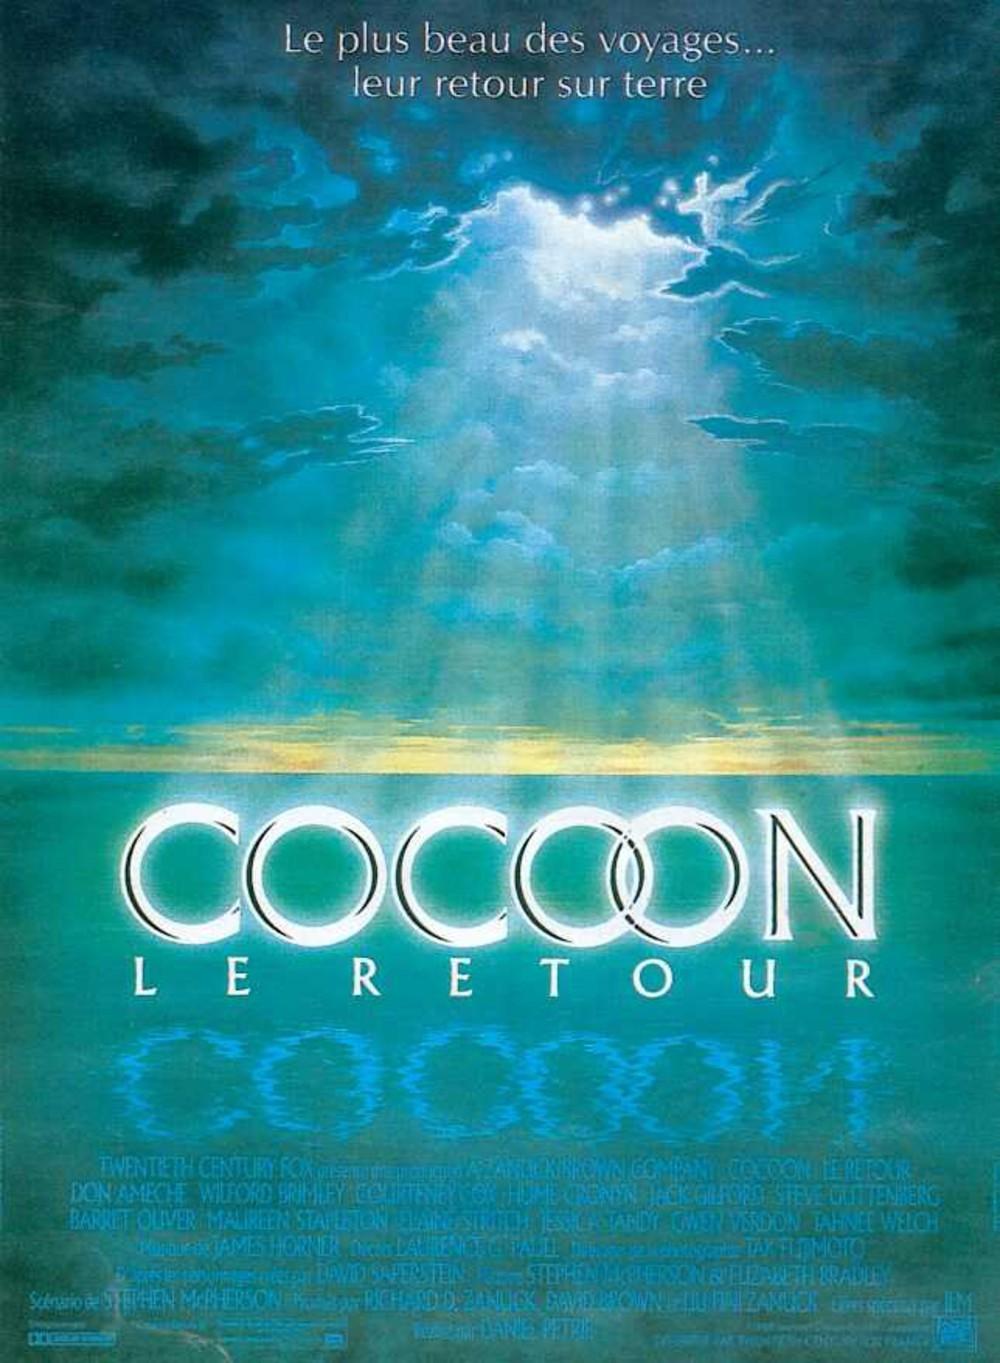 affiche du film Cocoon, le retour